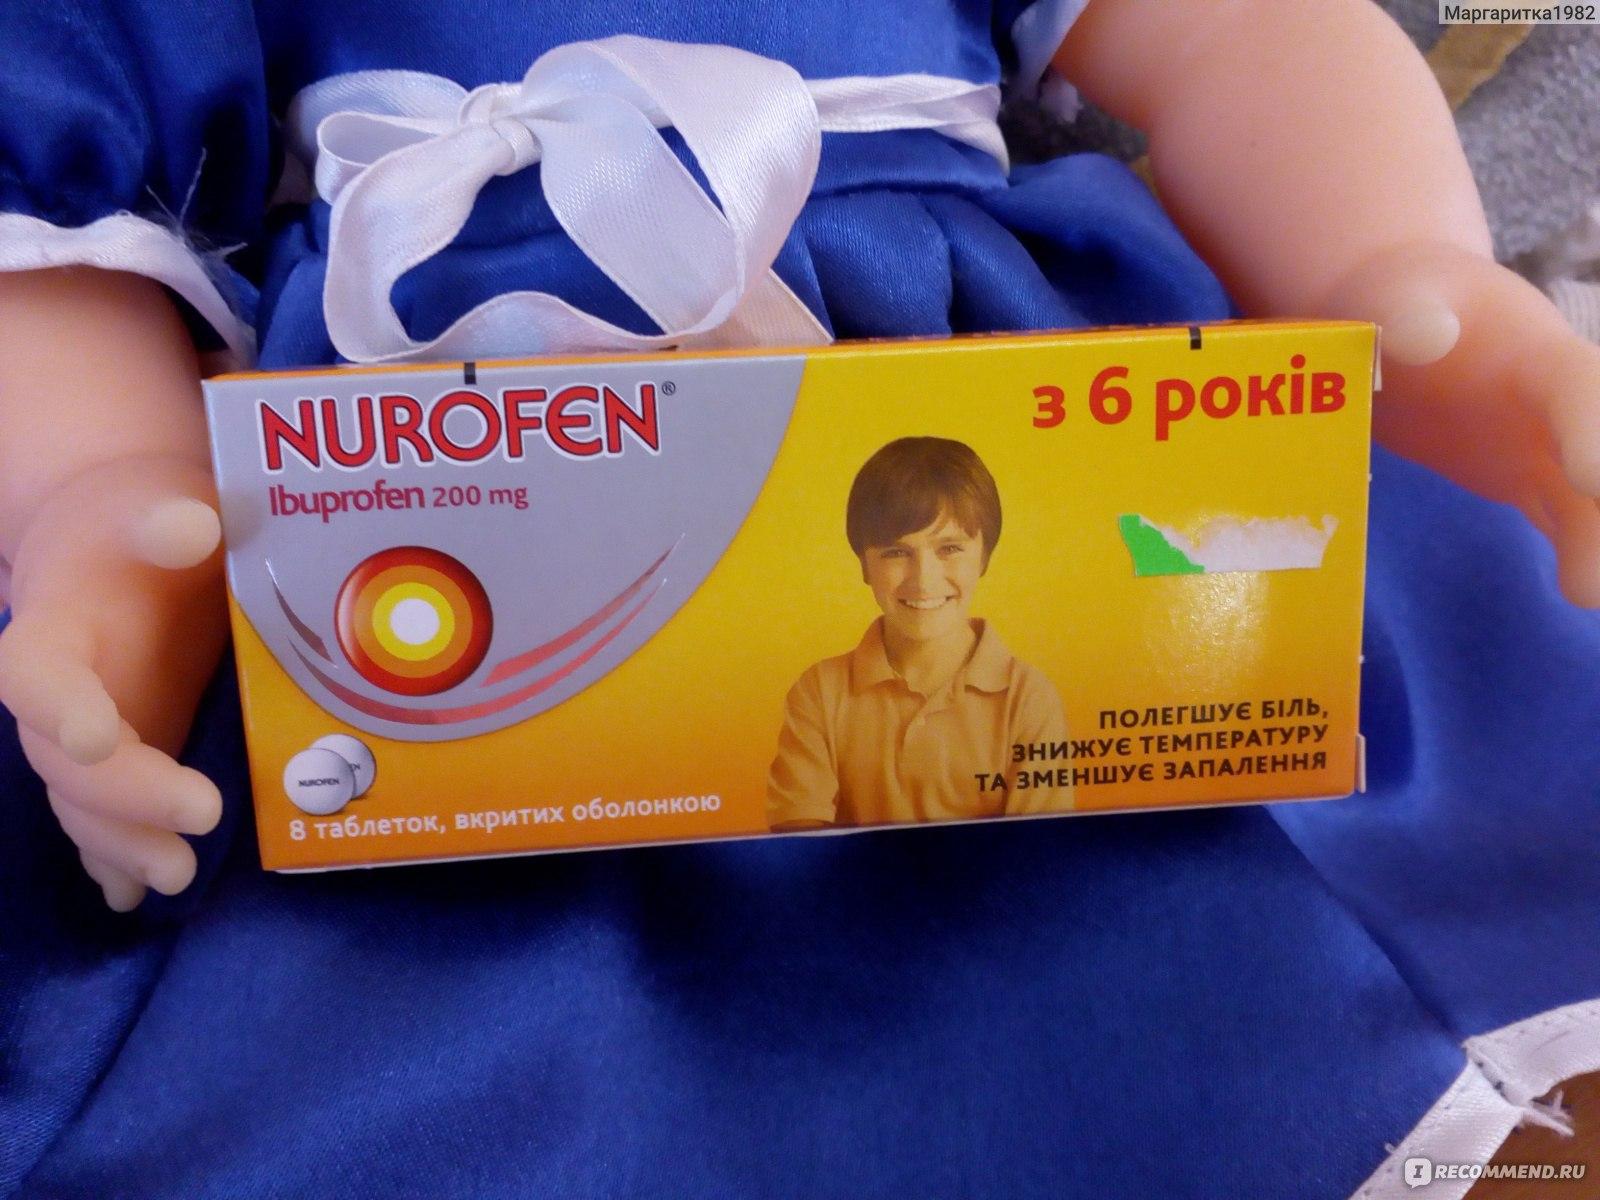 Ответ: нурофен назначают взрослым и детям старше 12 лет внутрь, после еды в таблетках по мг раза в сутки.